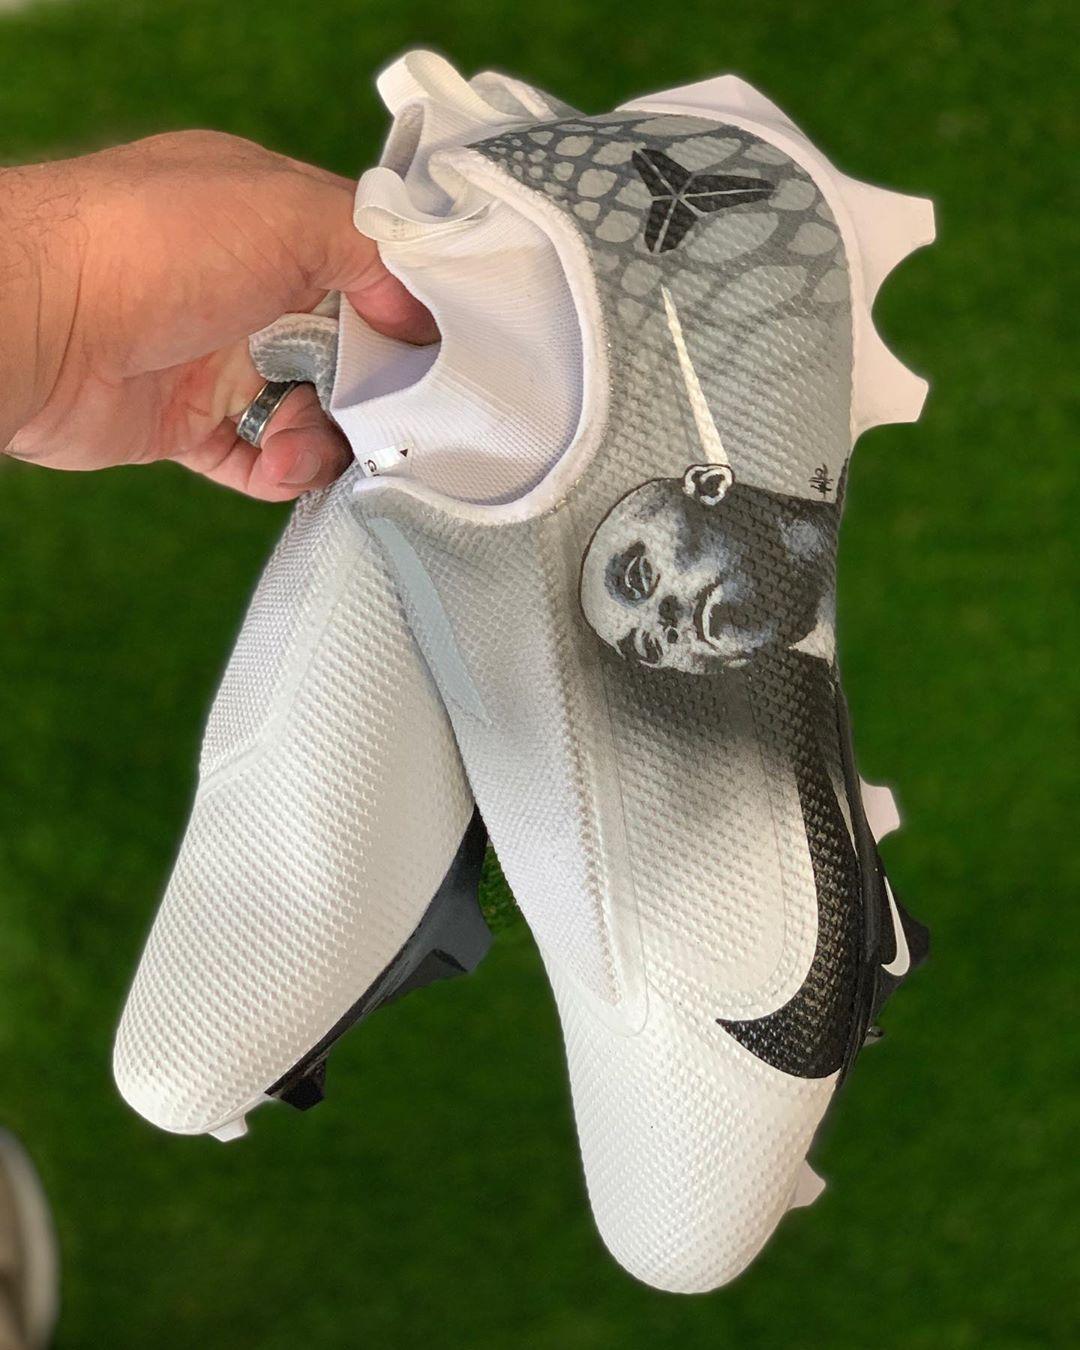 超级碗巨人队冠军成员定制球鞋致敬黑曼巴科比以及黑豹博斯曼🖤 科